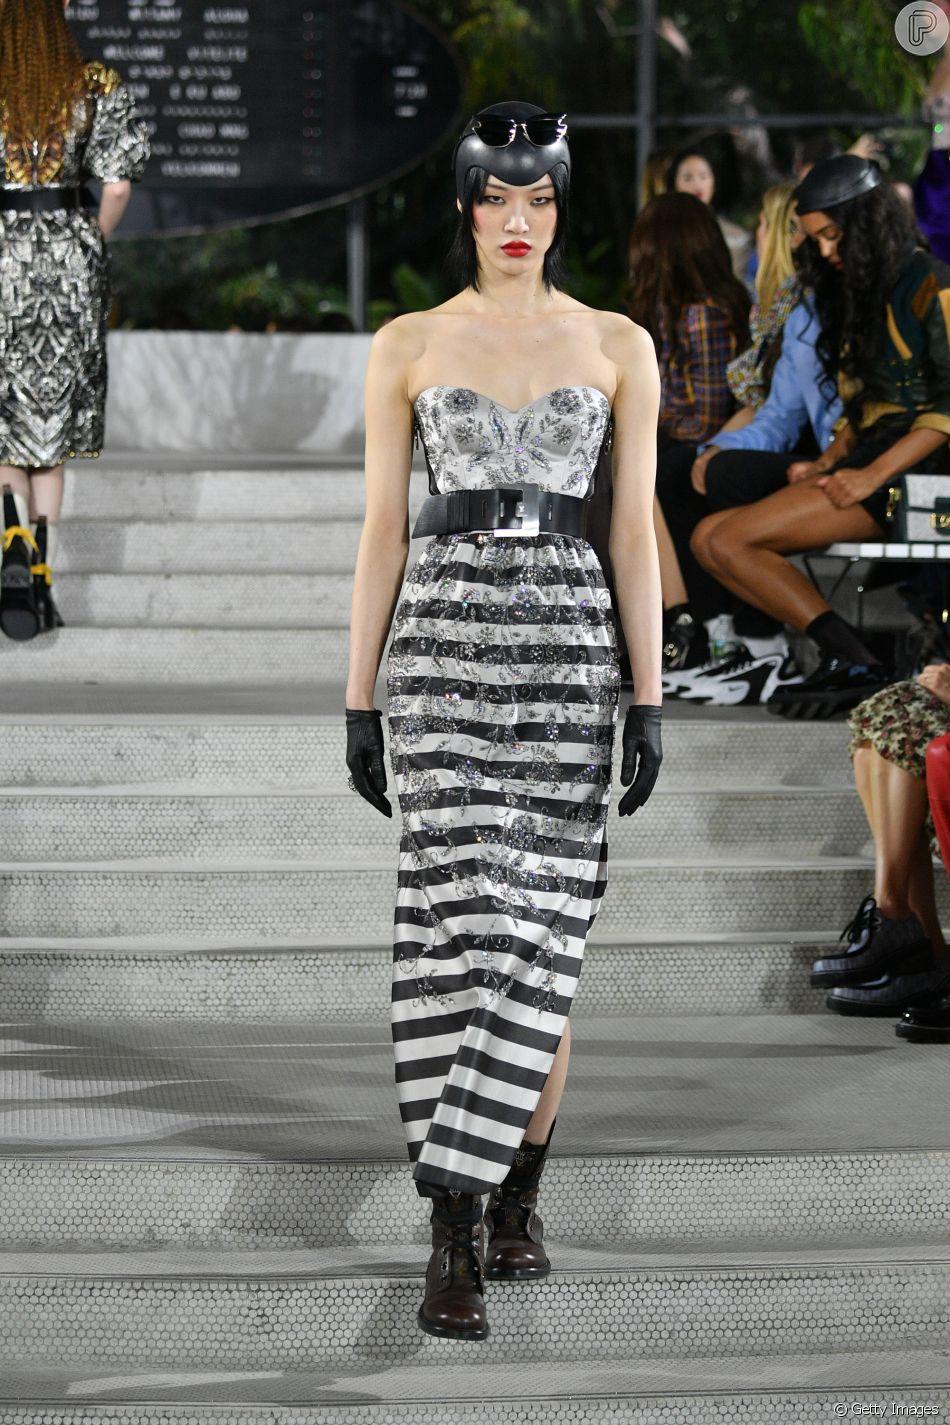 Combinação clássica, preto e branco aparece em novas versões nas passarelas. Mix de estampas na passarela da Louis Vuitton